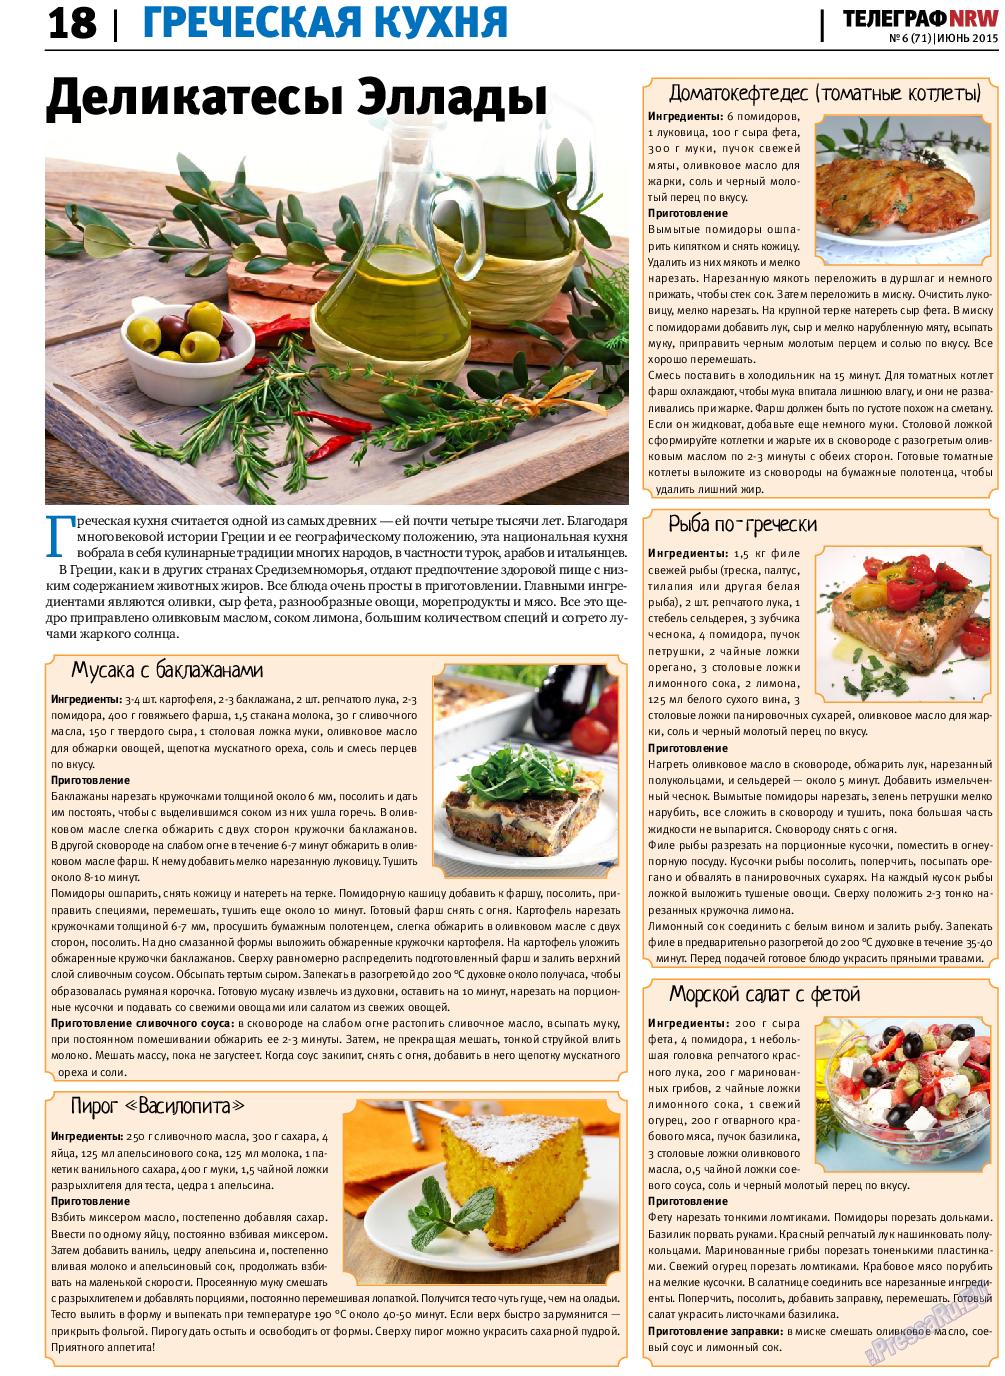 Телеграф NRW (газета). 2015 год, номер 6, стр. 18